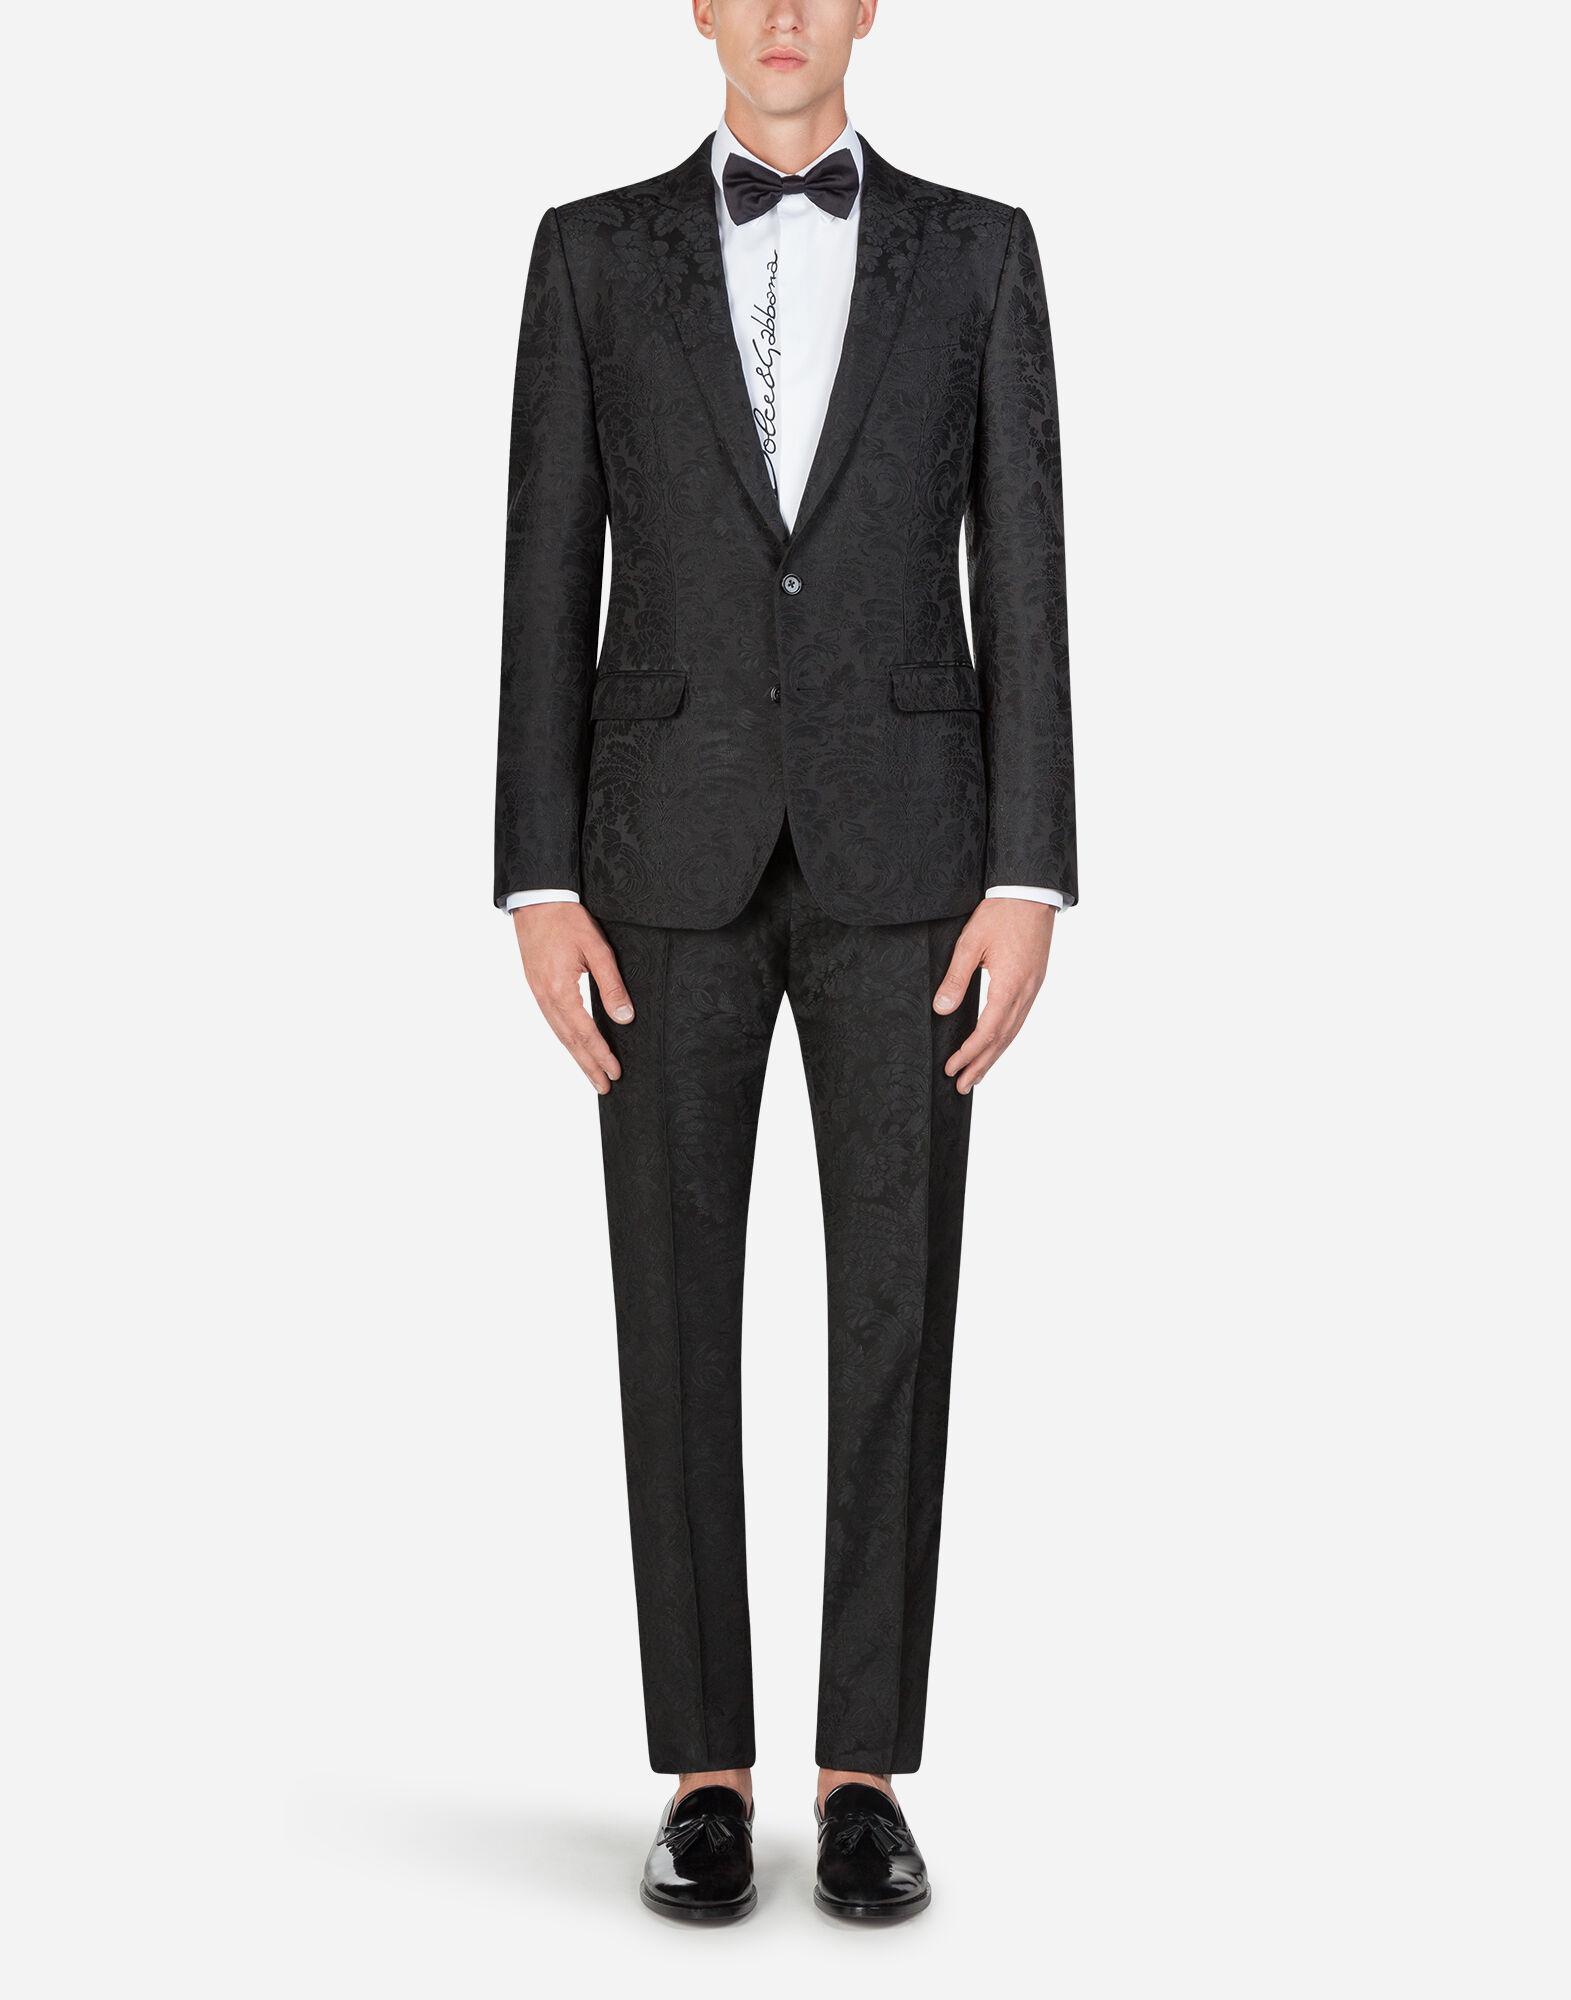 Vestiti Matrimonio Uomo Dolce E Gabbana : Abiti uomo dolce gabbana